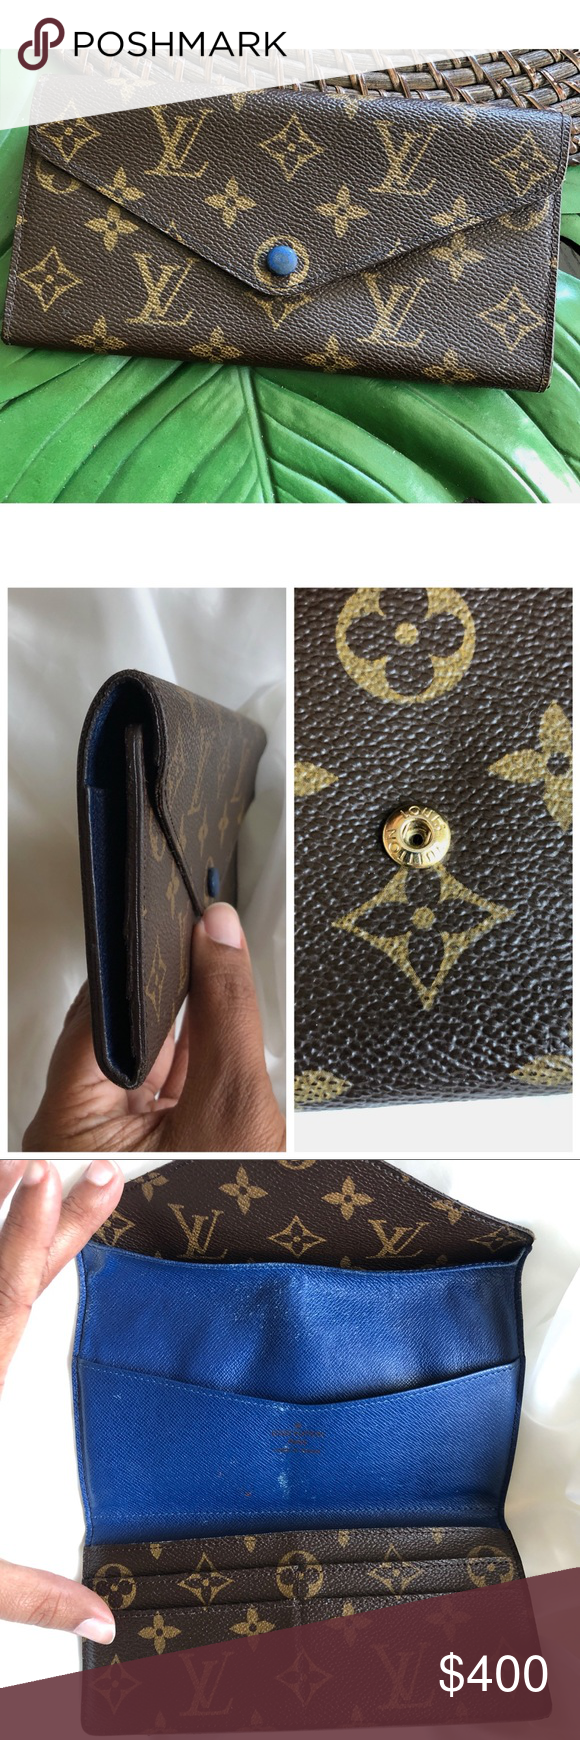 Vintage Louis Vuitton Envelope Wallet Vintage Louis Vuitton Louis Vuitton Envelope Wallet